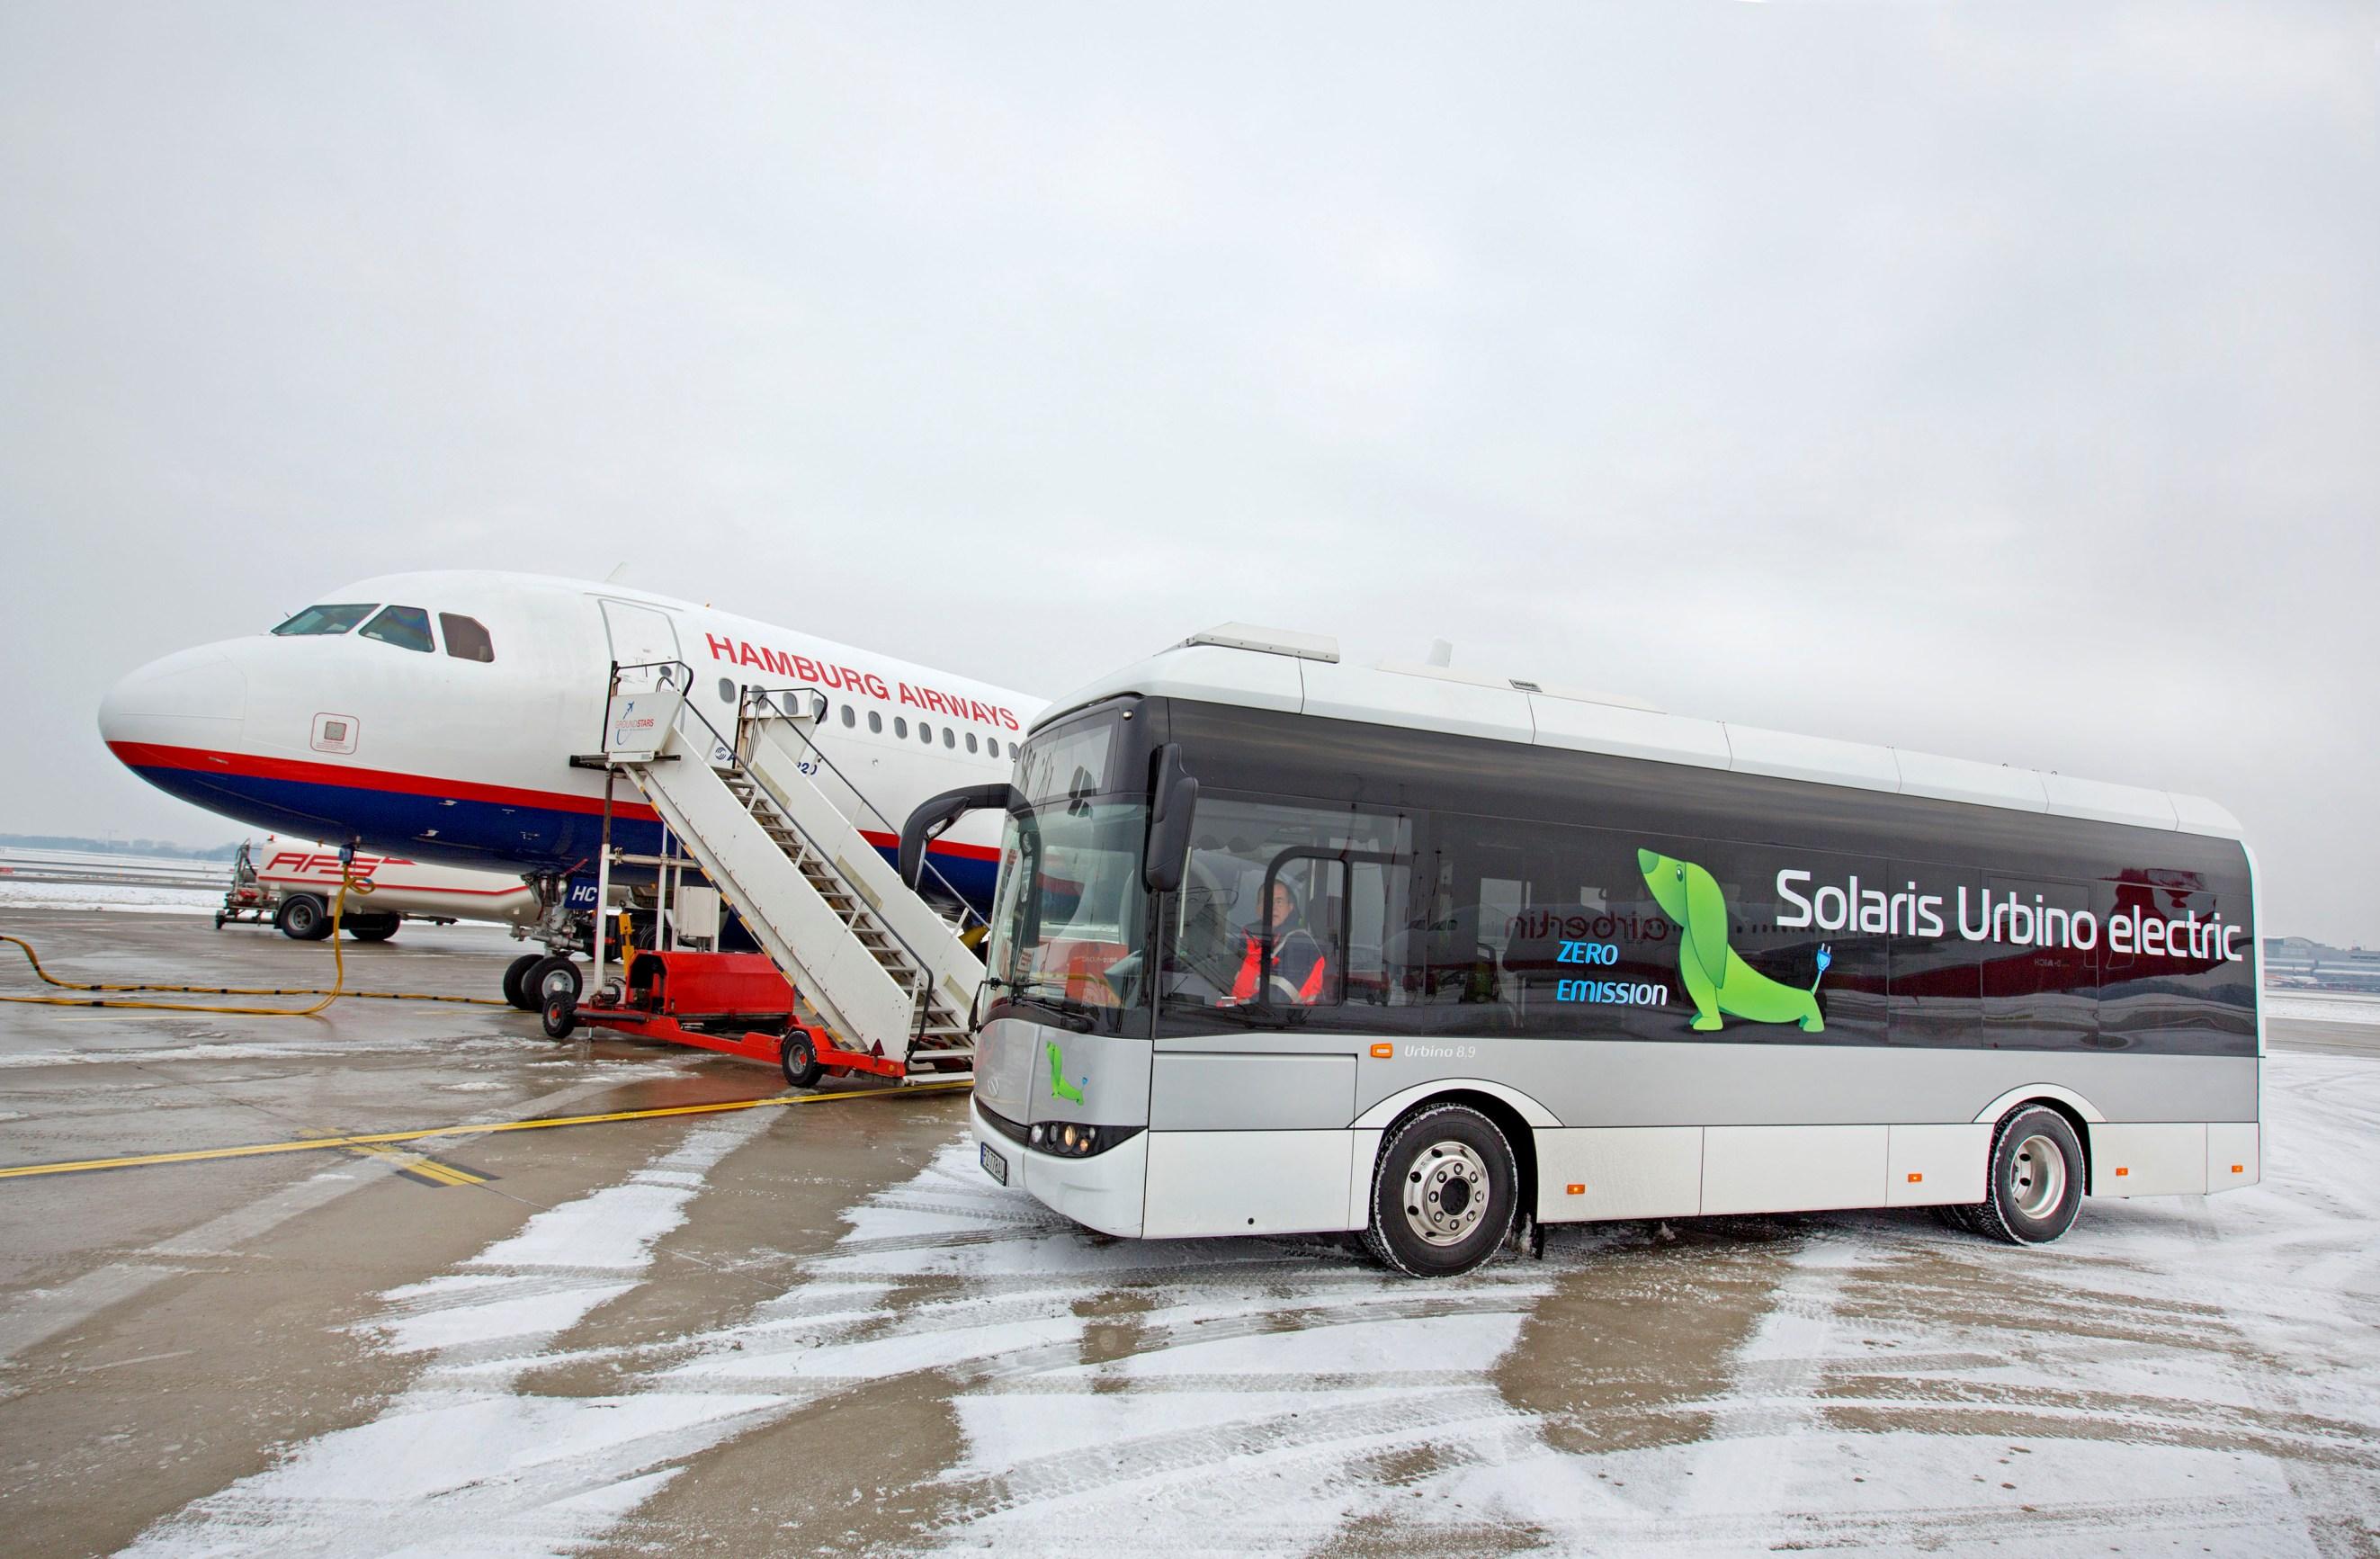 Aeroporto Urbino : Nuovi autobus elettrici solaris innovativi per il tpl di